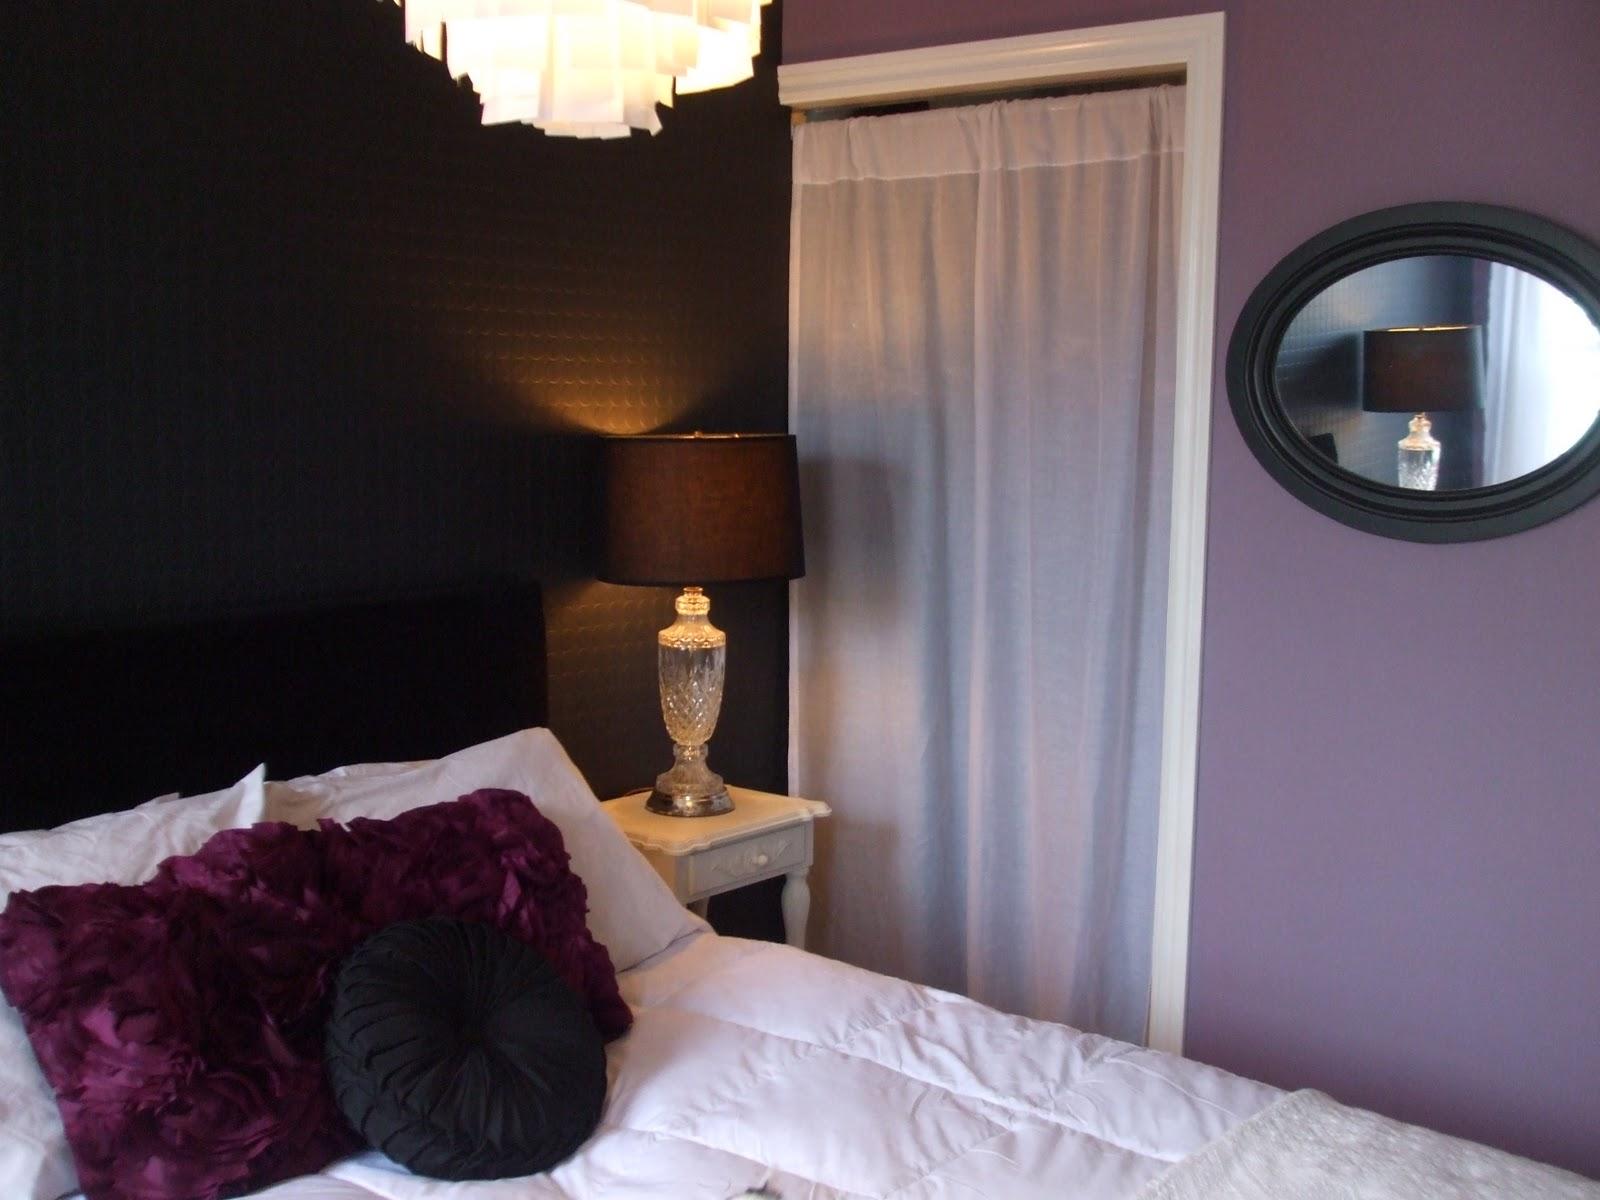 3.bp.blogspot.com_-fIU7c8tVkdA_TslhdaKwTlI_AAAAAAAABM4_fBk39ktRehc_s1600_bedroom+makeover+008